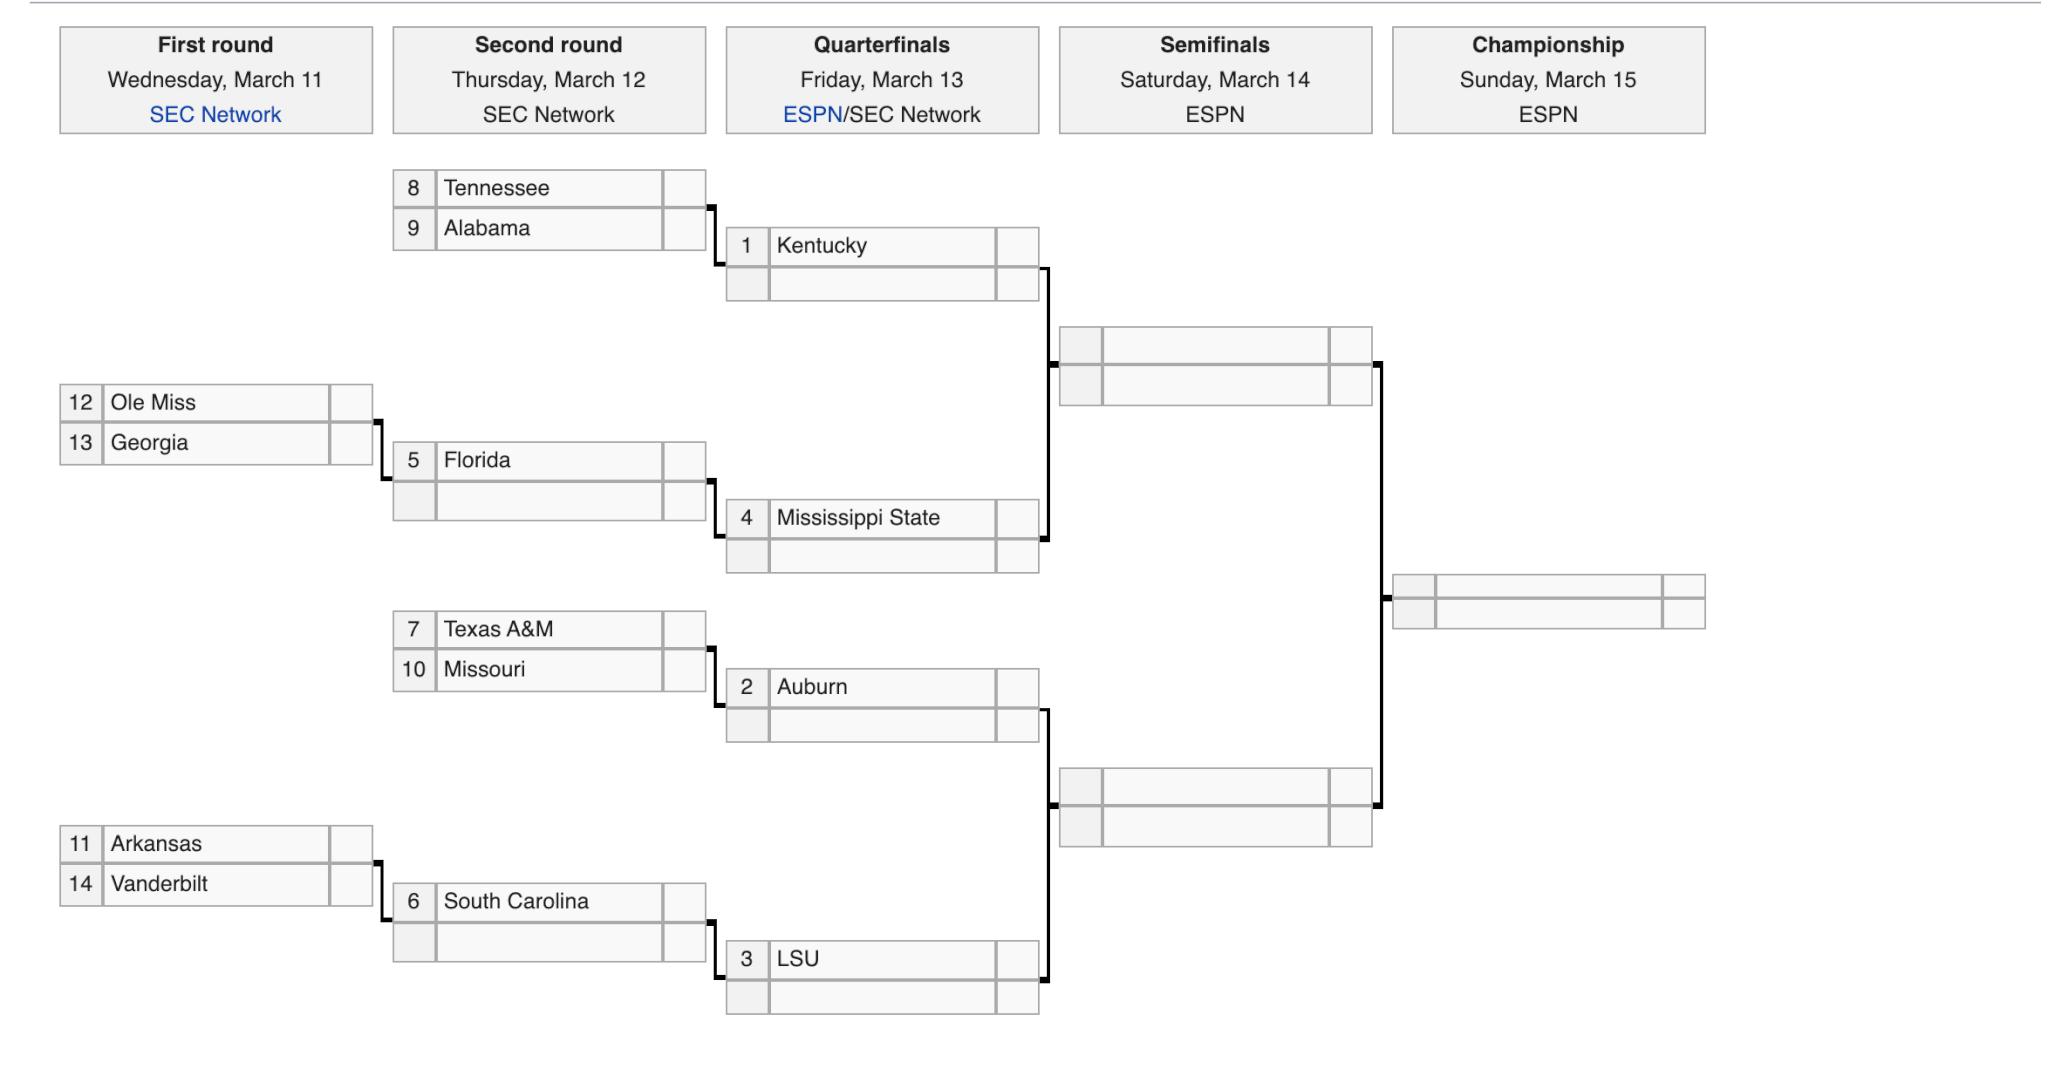 SEC Tournament Opening Odds List Kentucky as +150 Favorite; Auburn +275